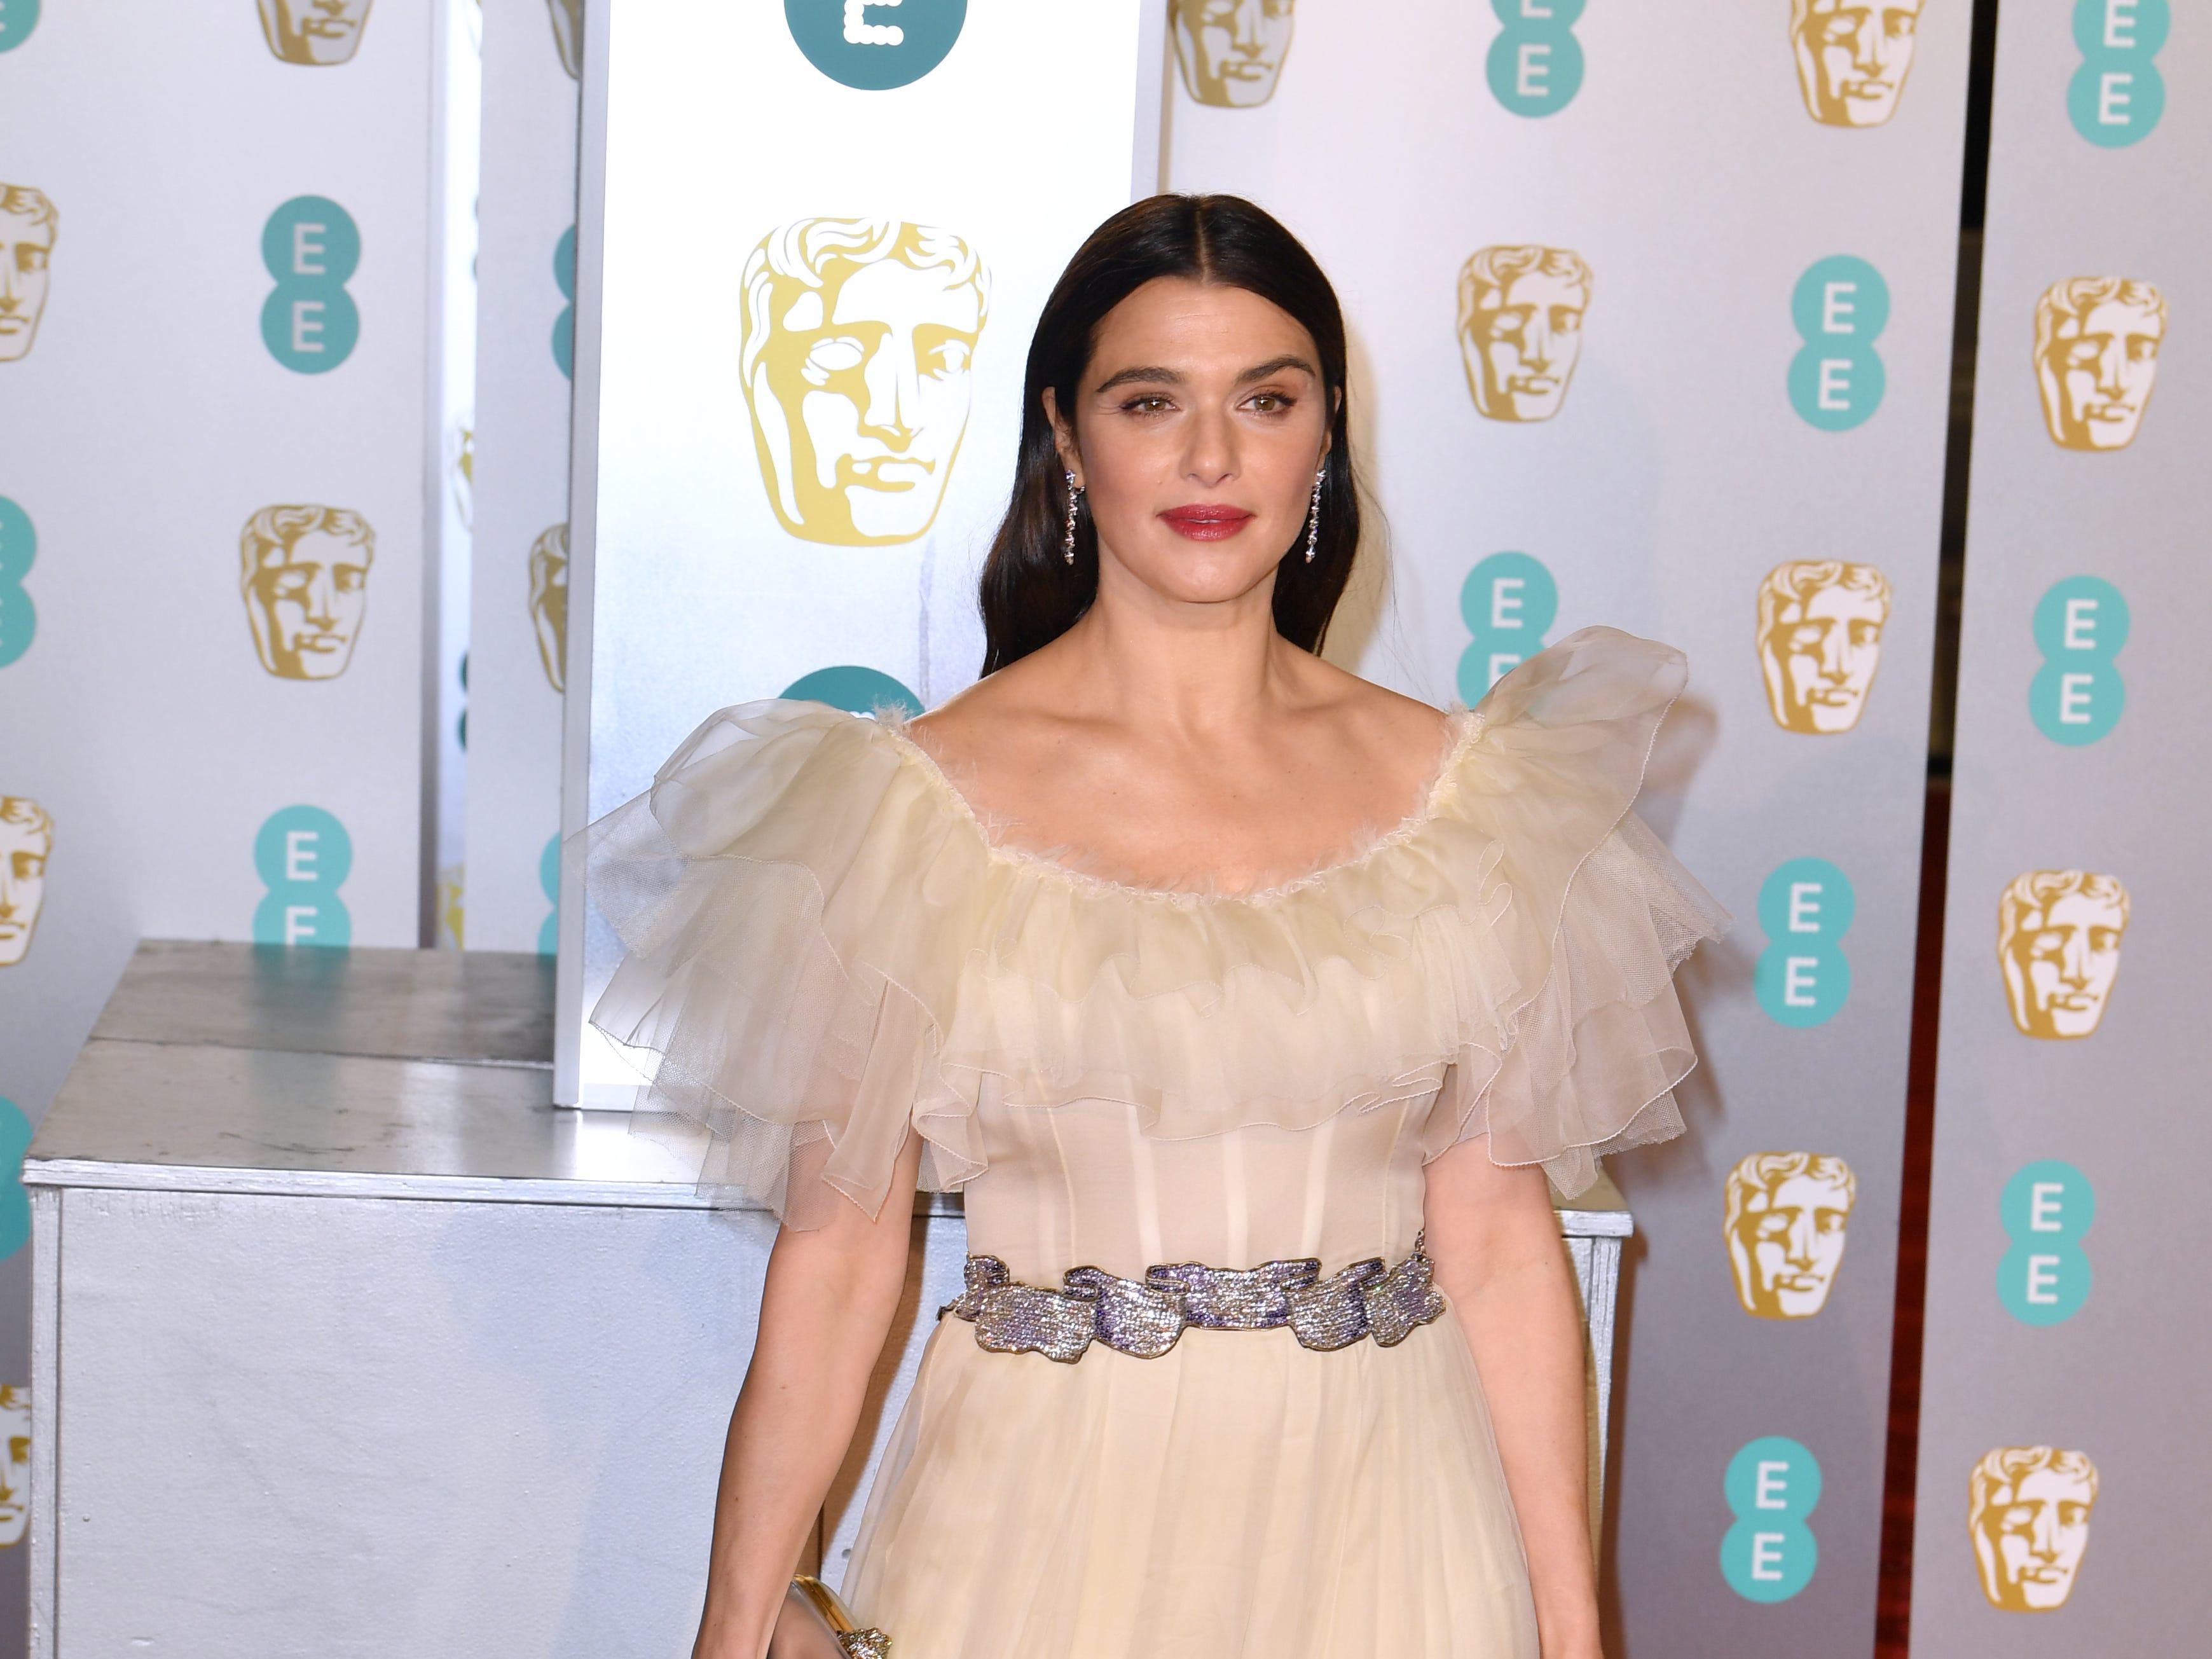 Rachel Weisz a su llegada a la alfombra roja de los Premios de la Academia Británica de Cine BAFTA en el Royal Albert Hall en Londres el 10 de febrero de 2019.